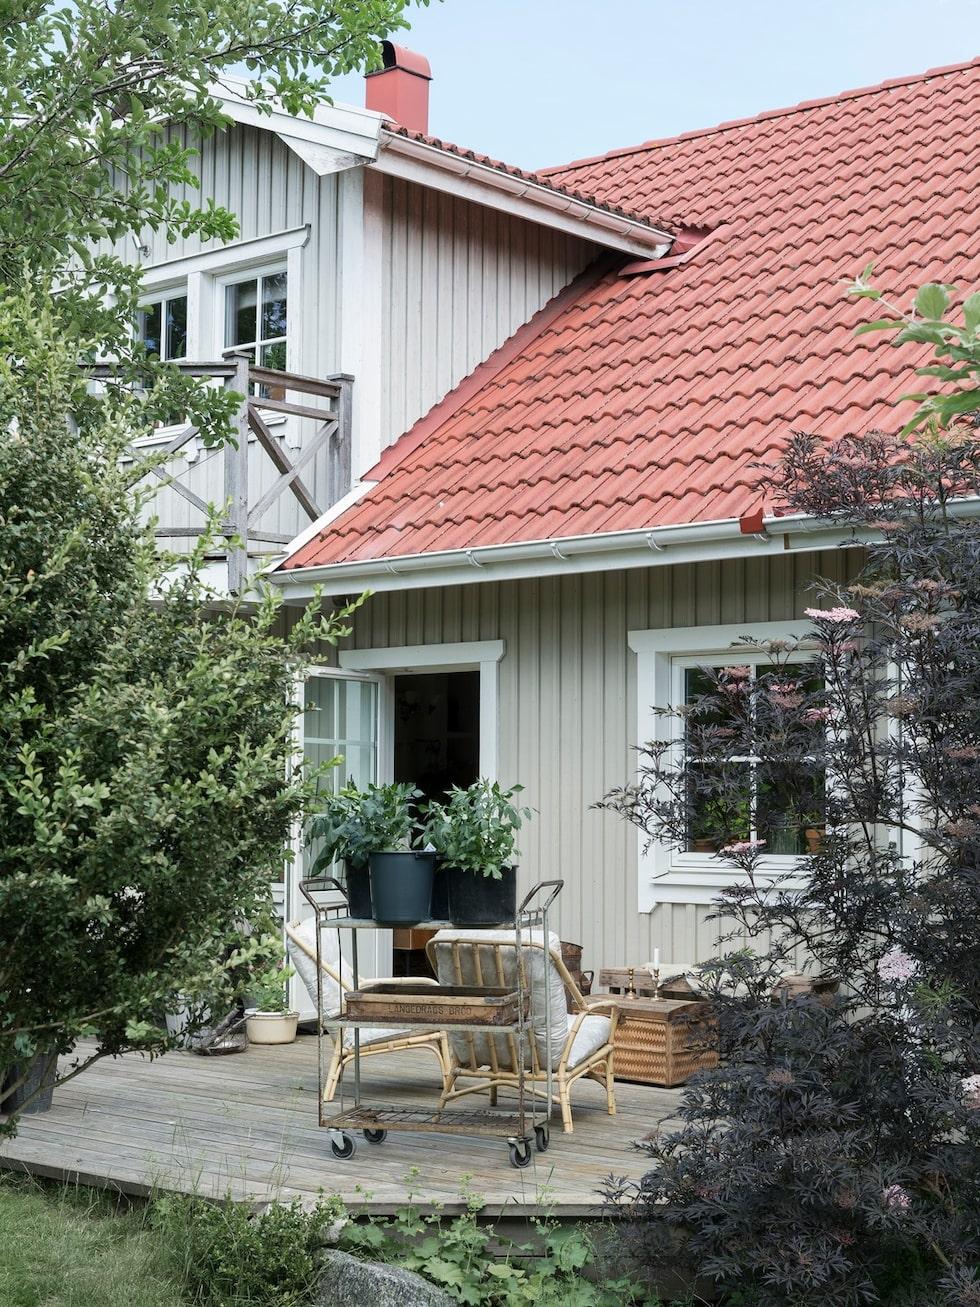 Huset målades för 15 år sedan i en varmgrå färg, som paret är väldigt nöjda med. Många frågar dem efter färgkoden, som är S 3005-Y20R.